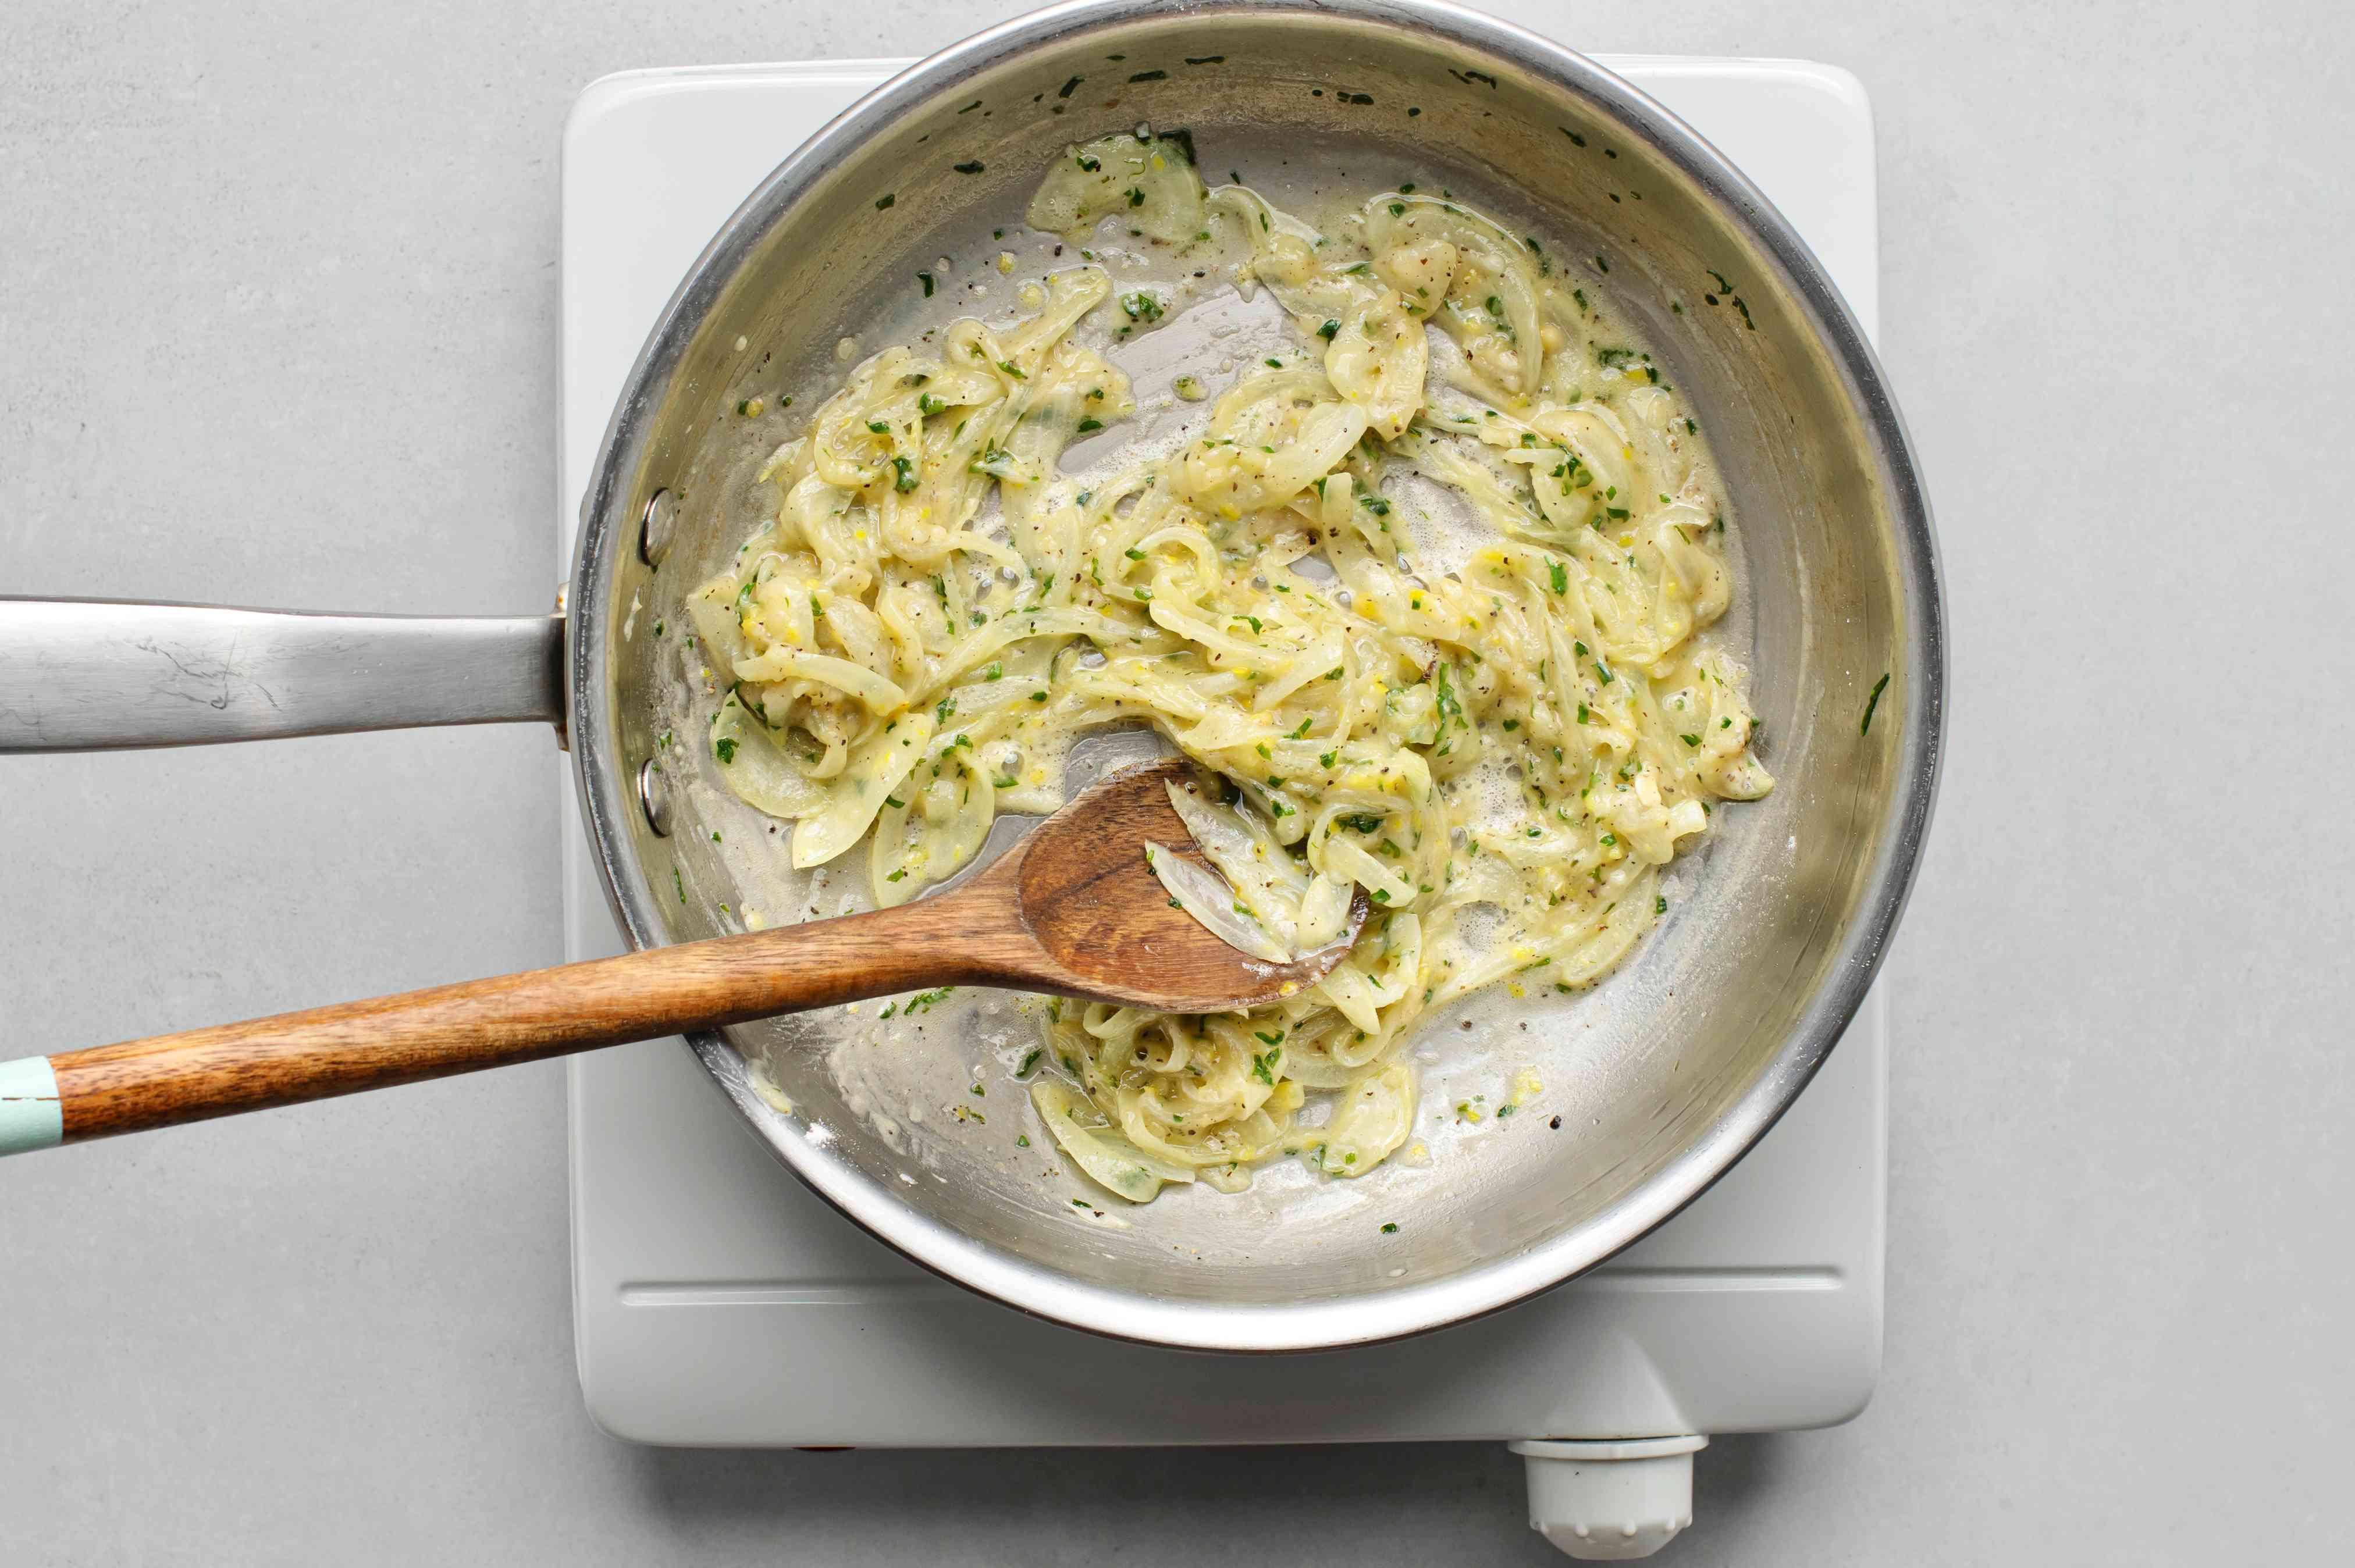 Blend the flour, lemon zest, salt, and pepper into the onion mixture